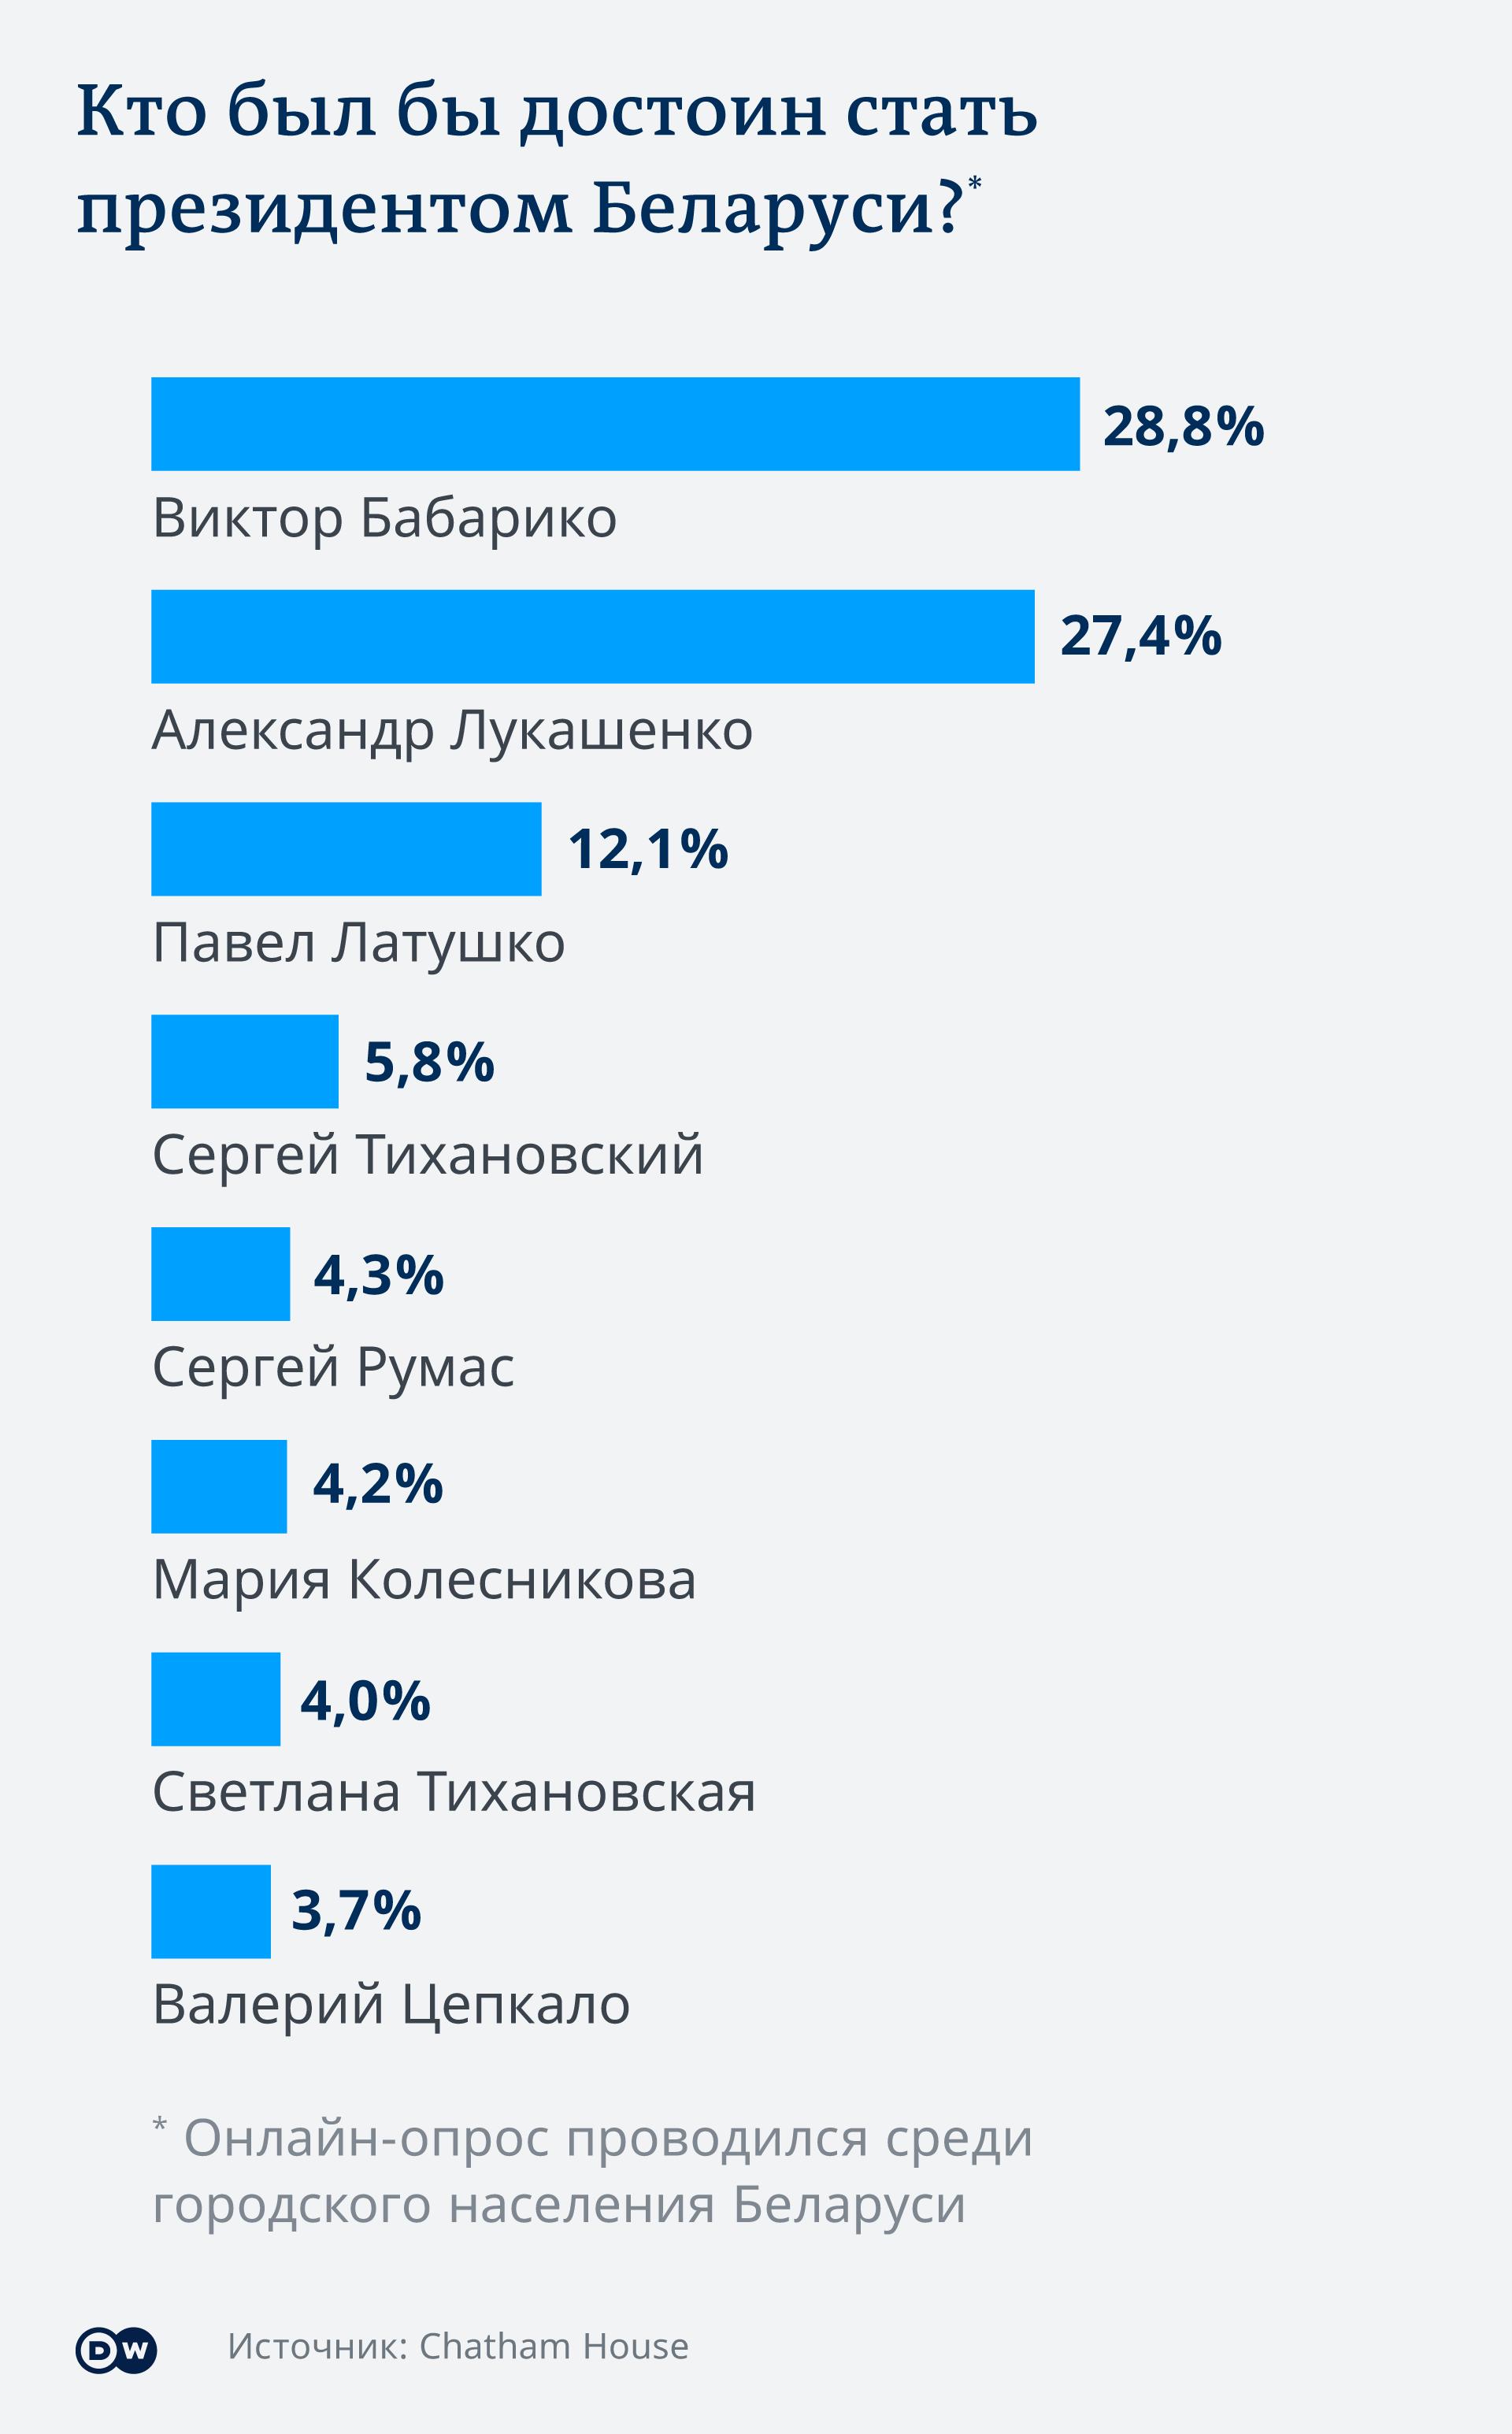 Кто был бы достоин стать президентом Беларуси? Инфографика к опросу Сhatham House